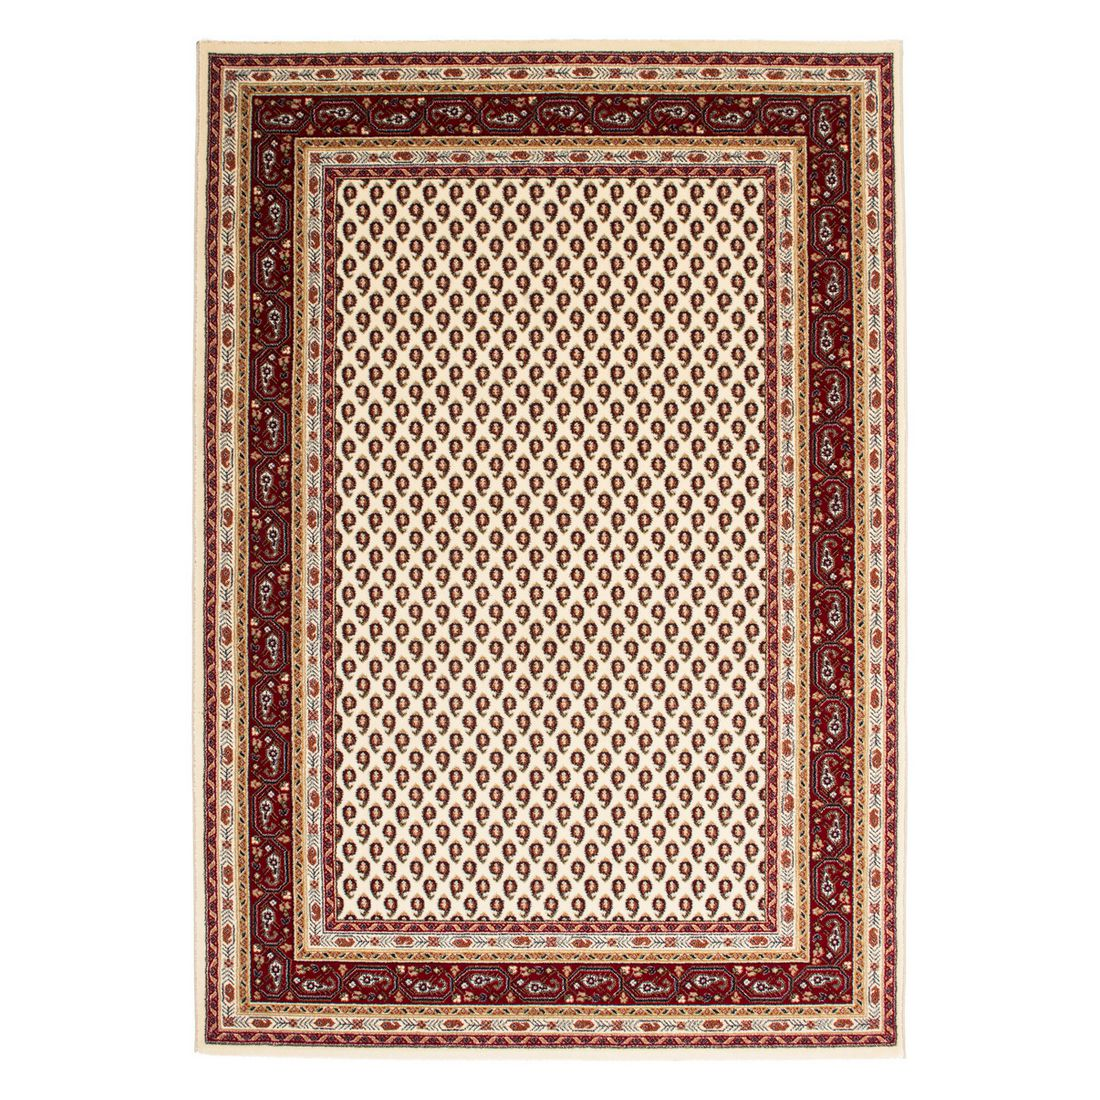 Teppich Sultan I – Beige – 200 x 290 cm, Obsession günstig kaufen